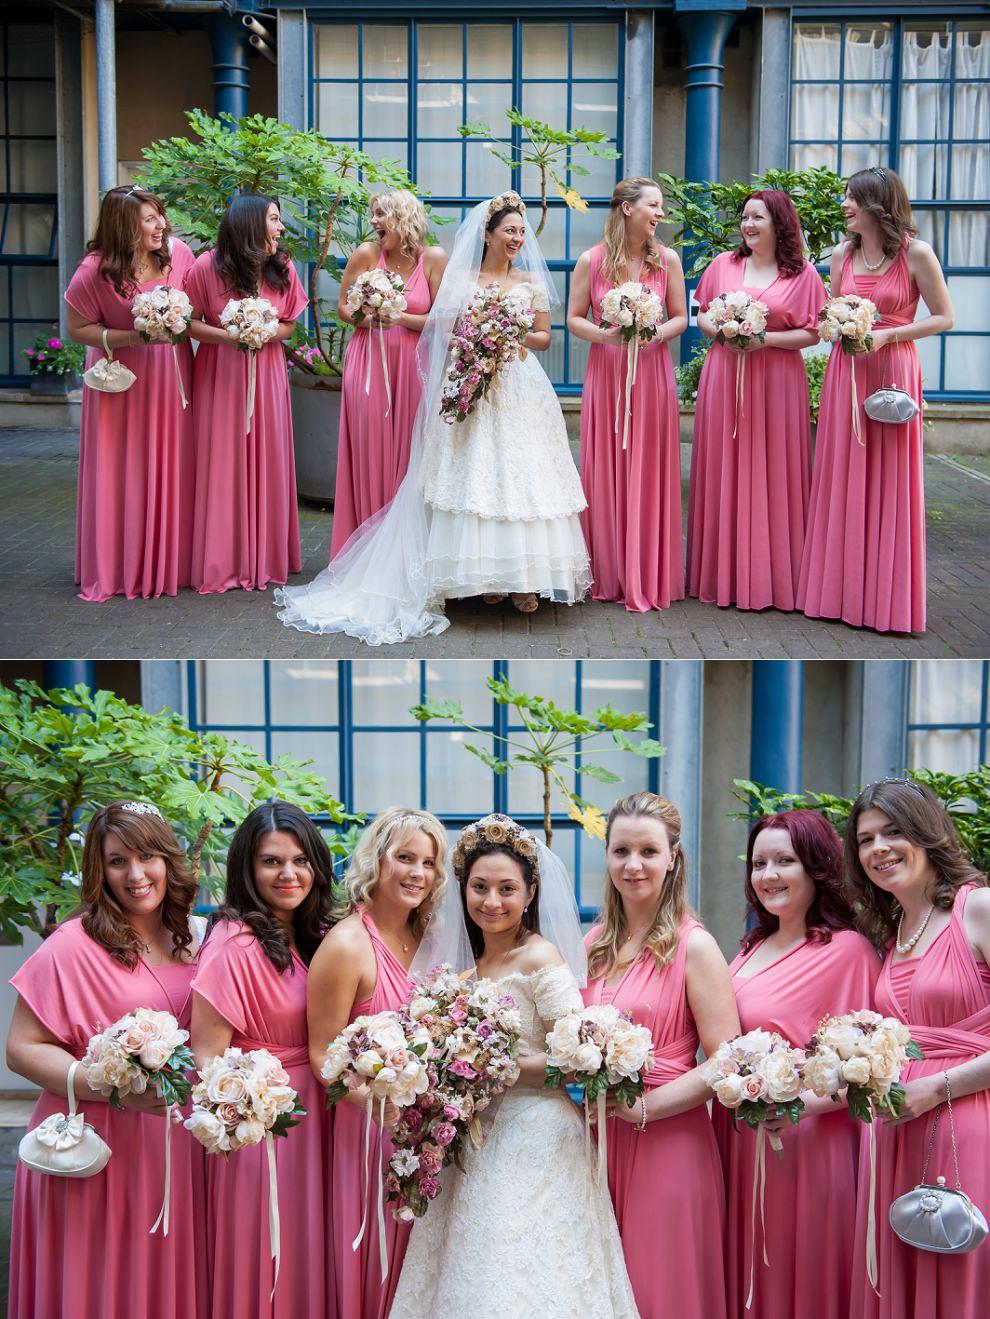 Islington-London-Wedding-Naomi-Euan-25